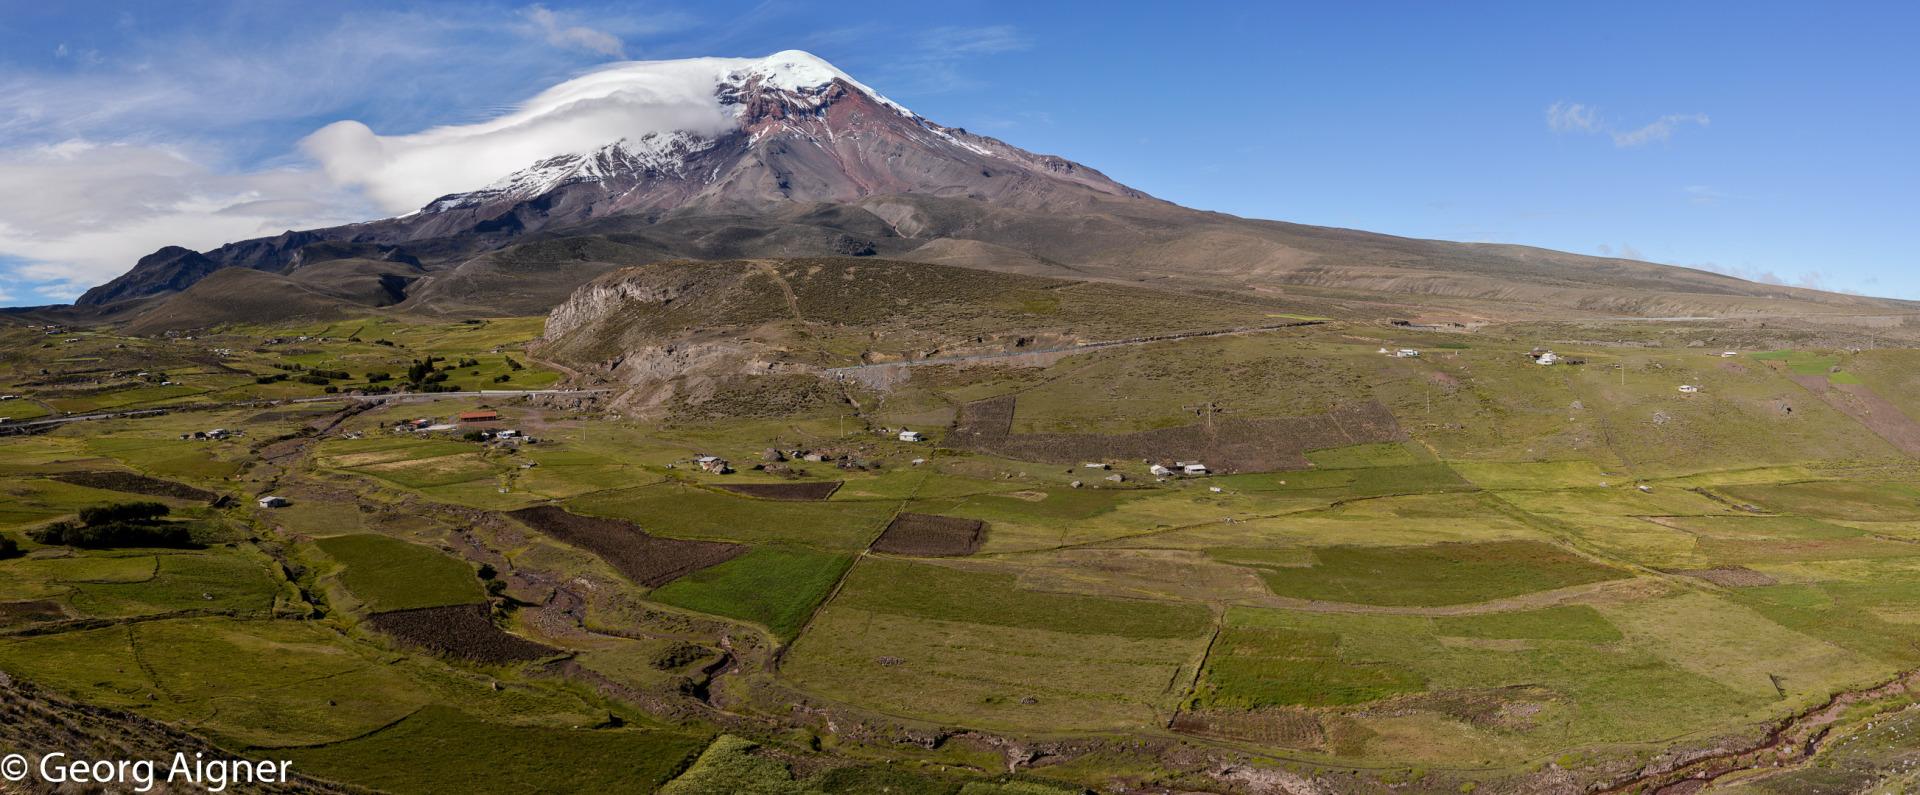 Autour du Chimborazo